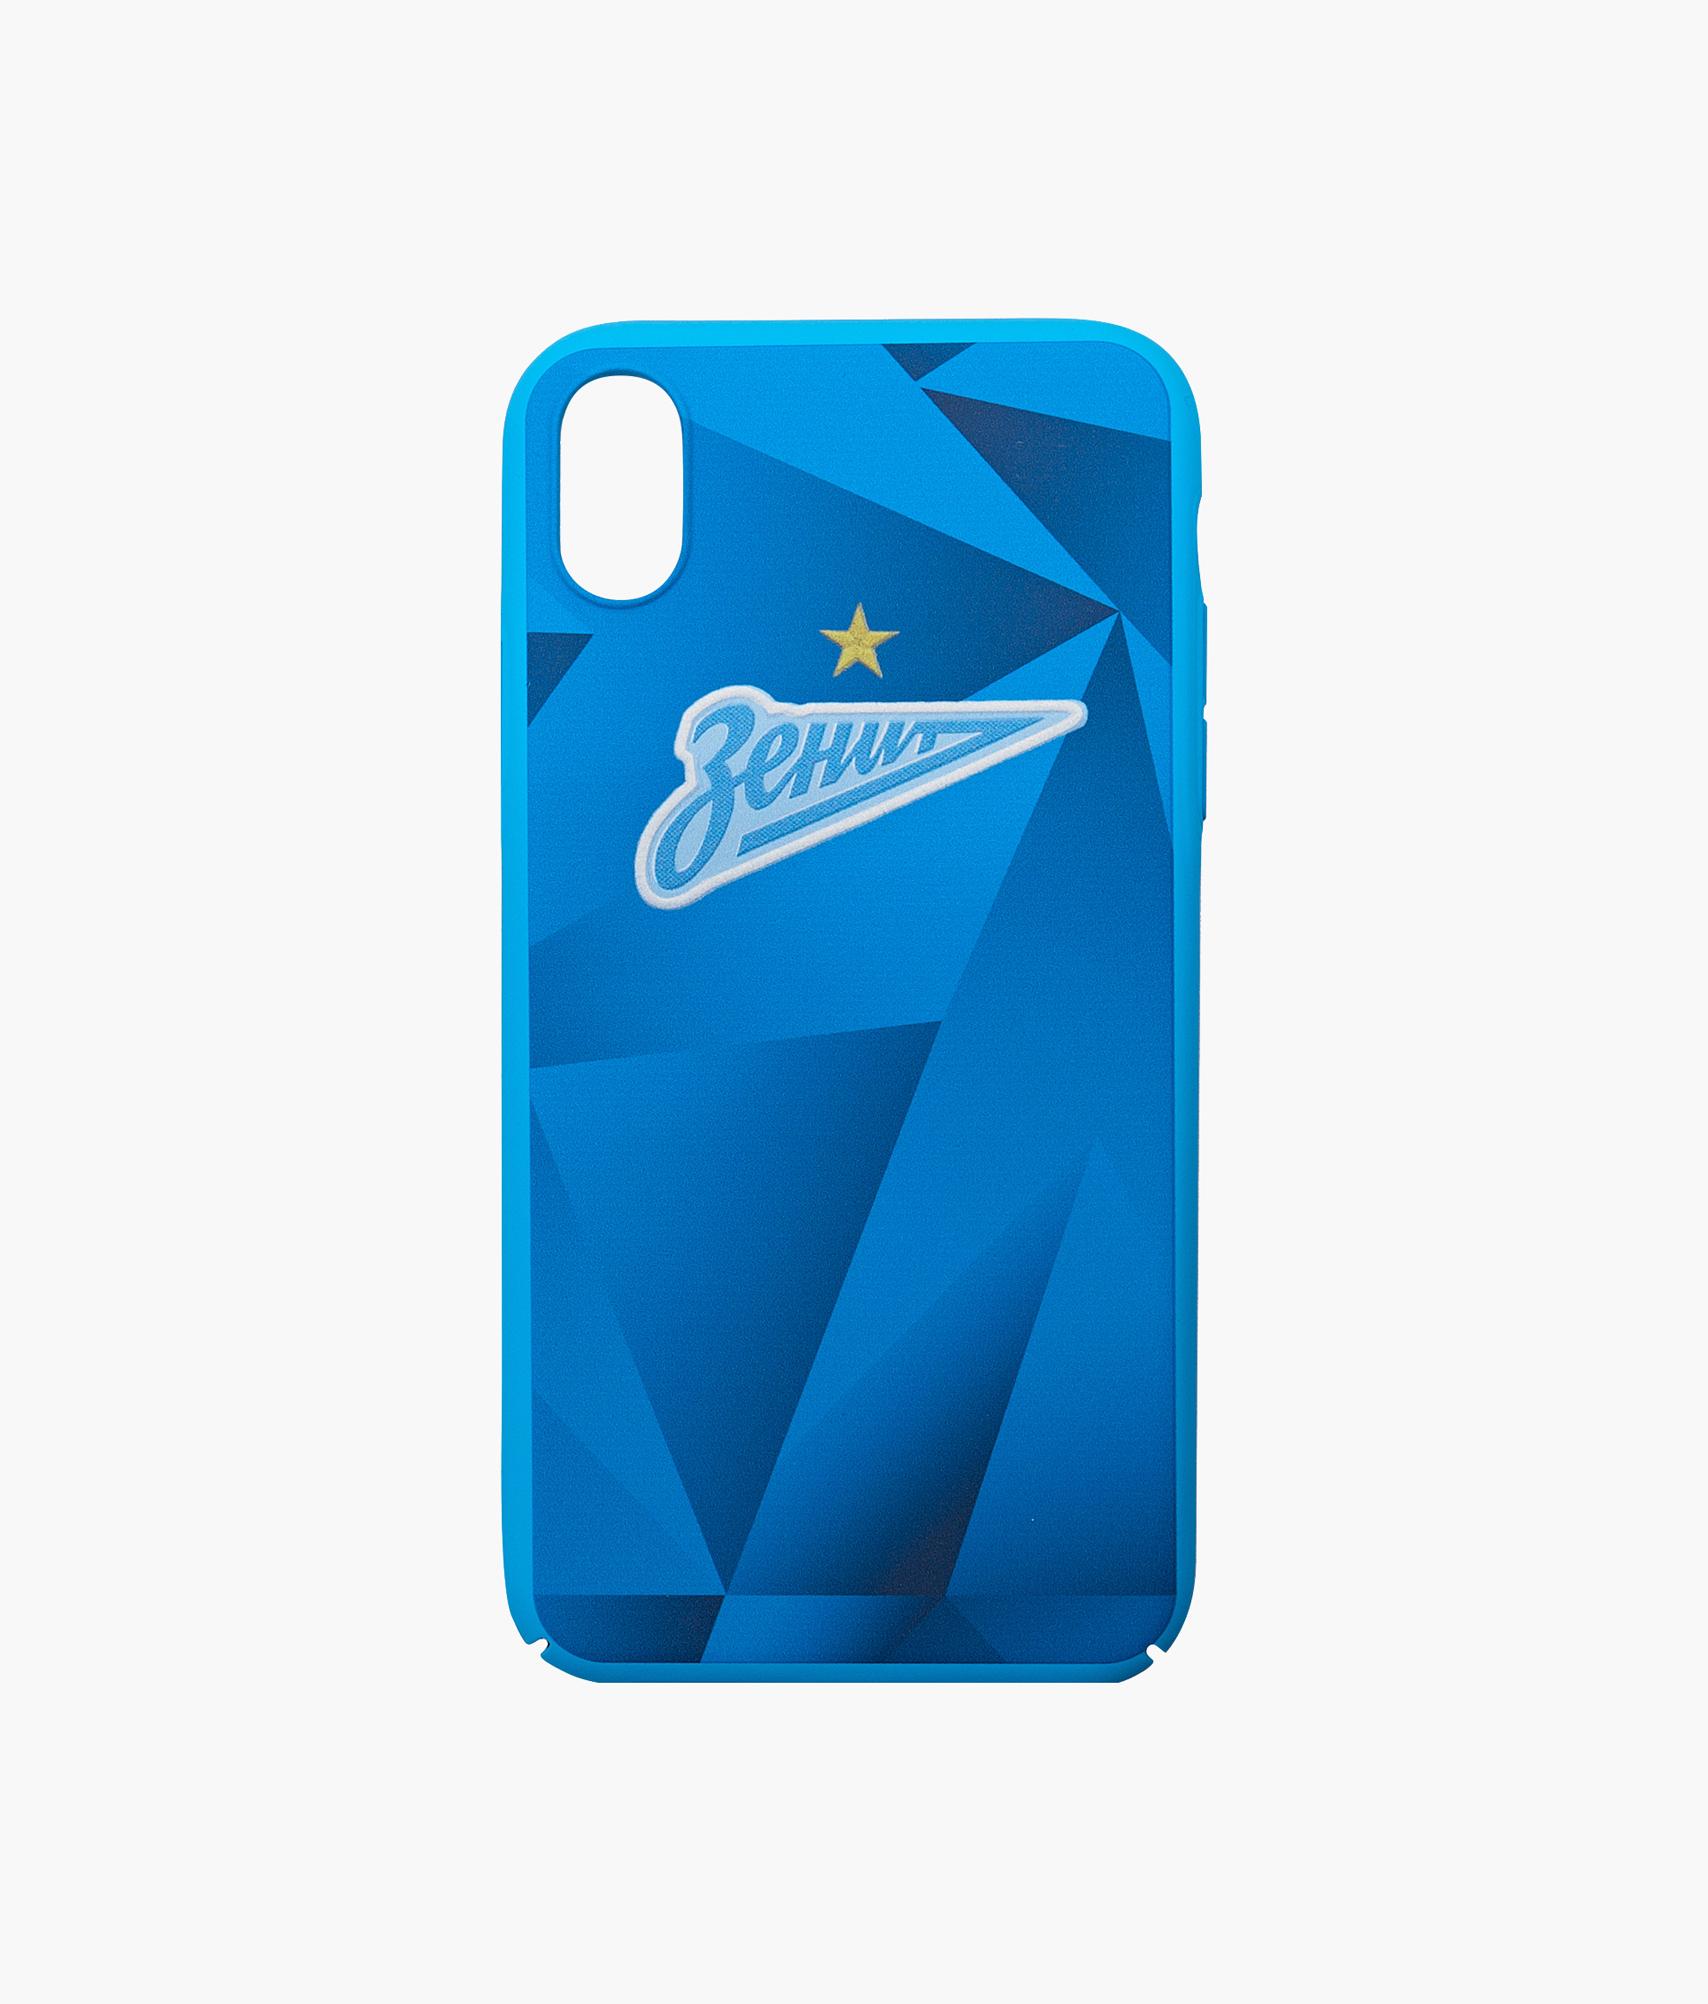 Фото - Чехол для IPhone XR Форма 2019/20 Зенит Цвет-Синий платье coccodrillo одежда повседневная на каждый день